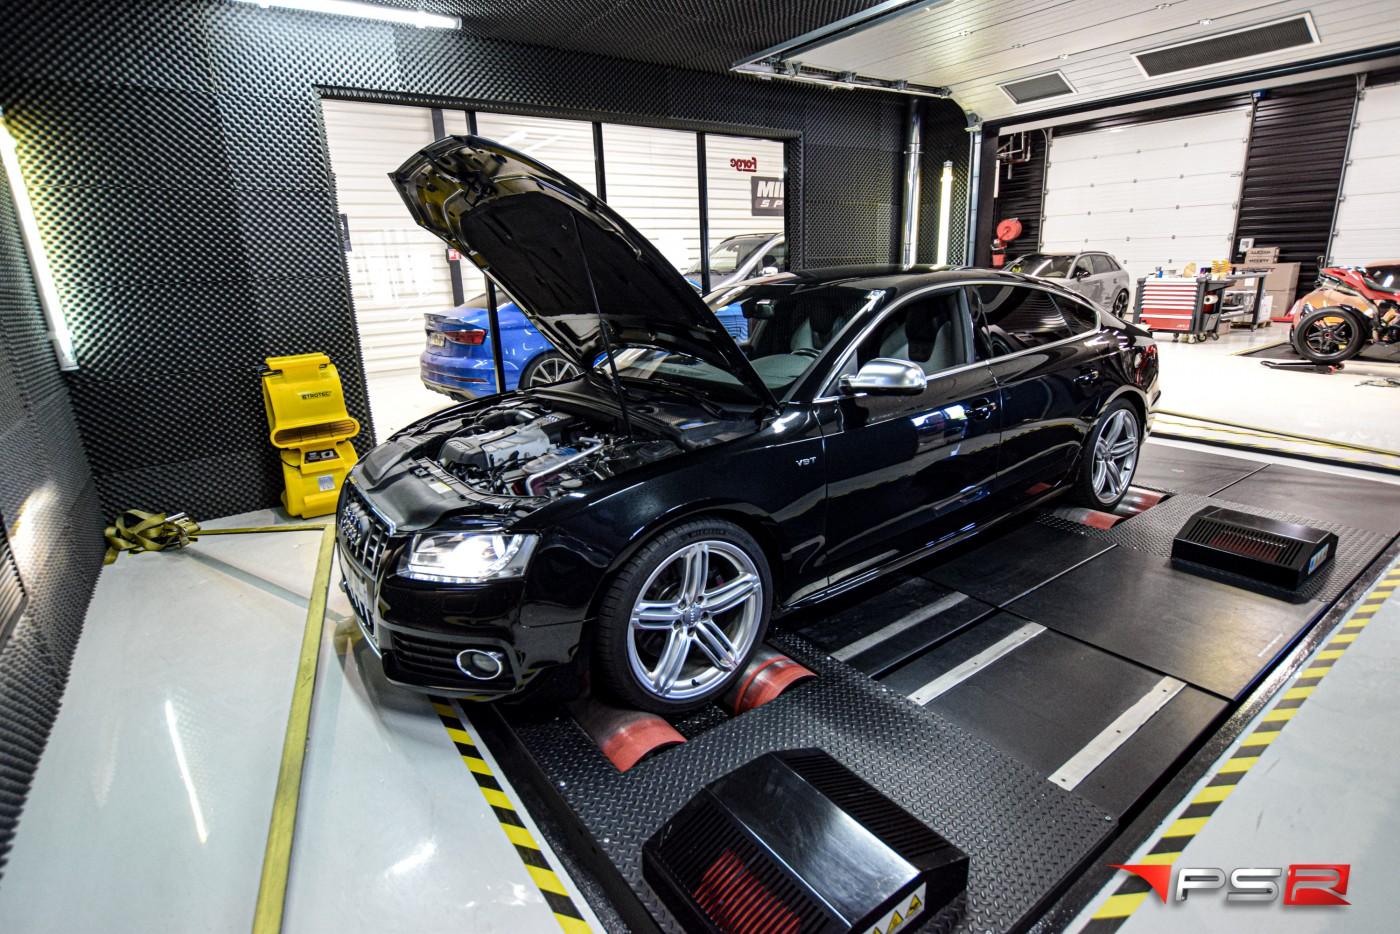 AUDI S5 3.0 V6T TFSI 333 HP TUNE